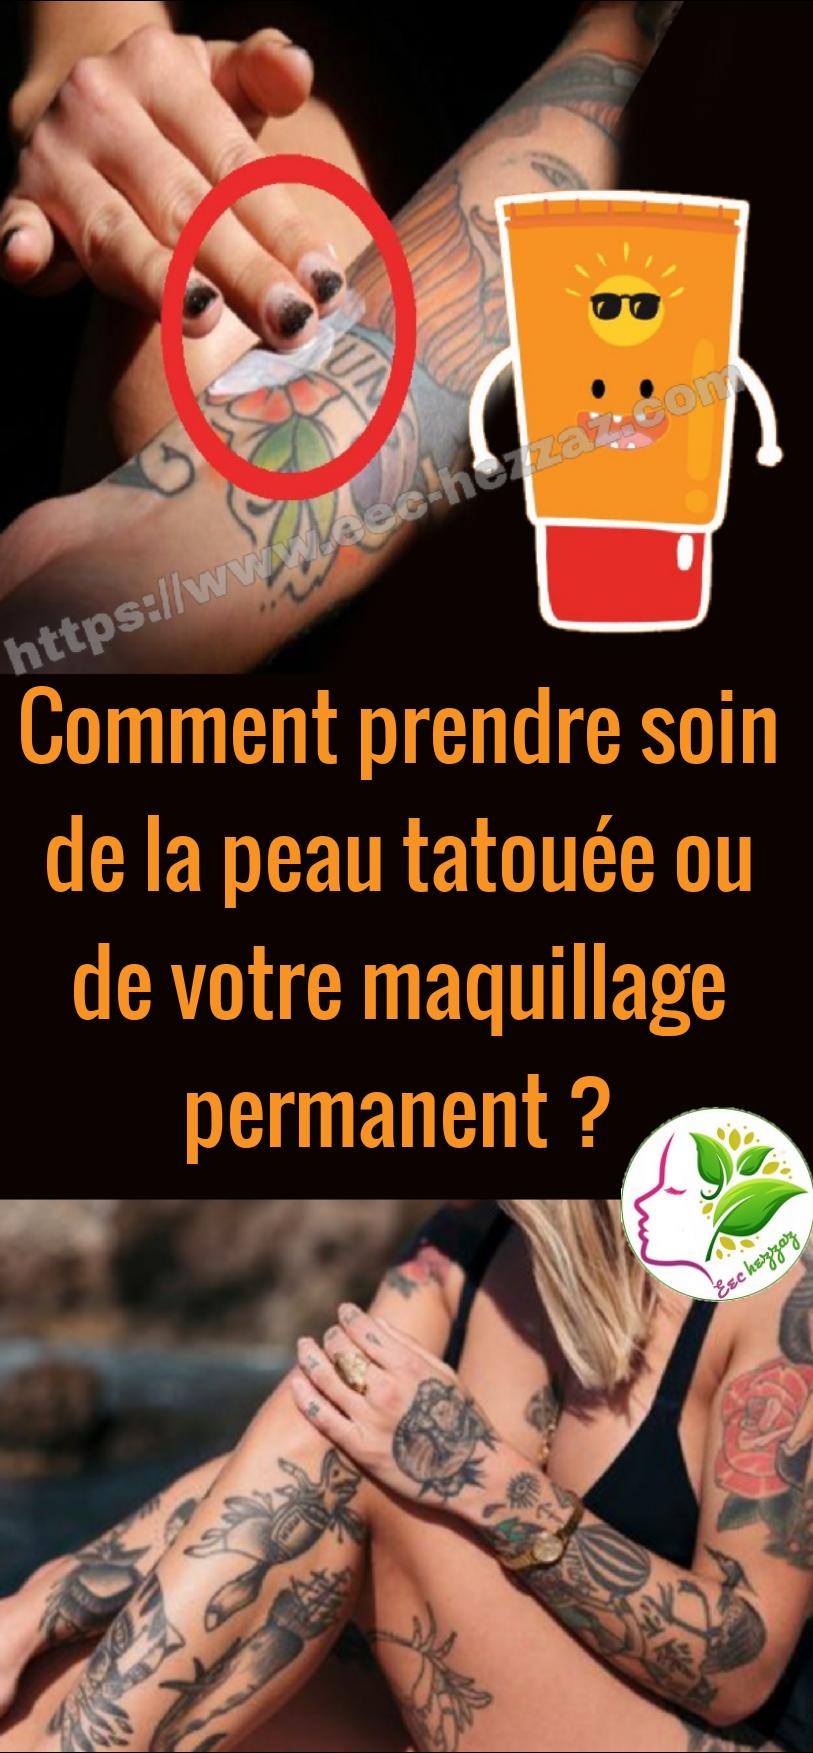 Comment prendre soin de la peau tatouée ou de votre maquillage permanent ?